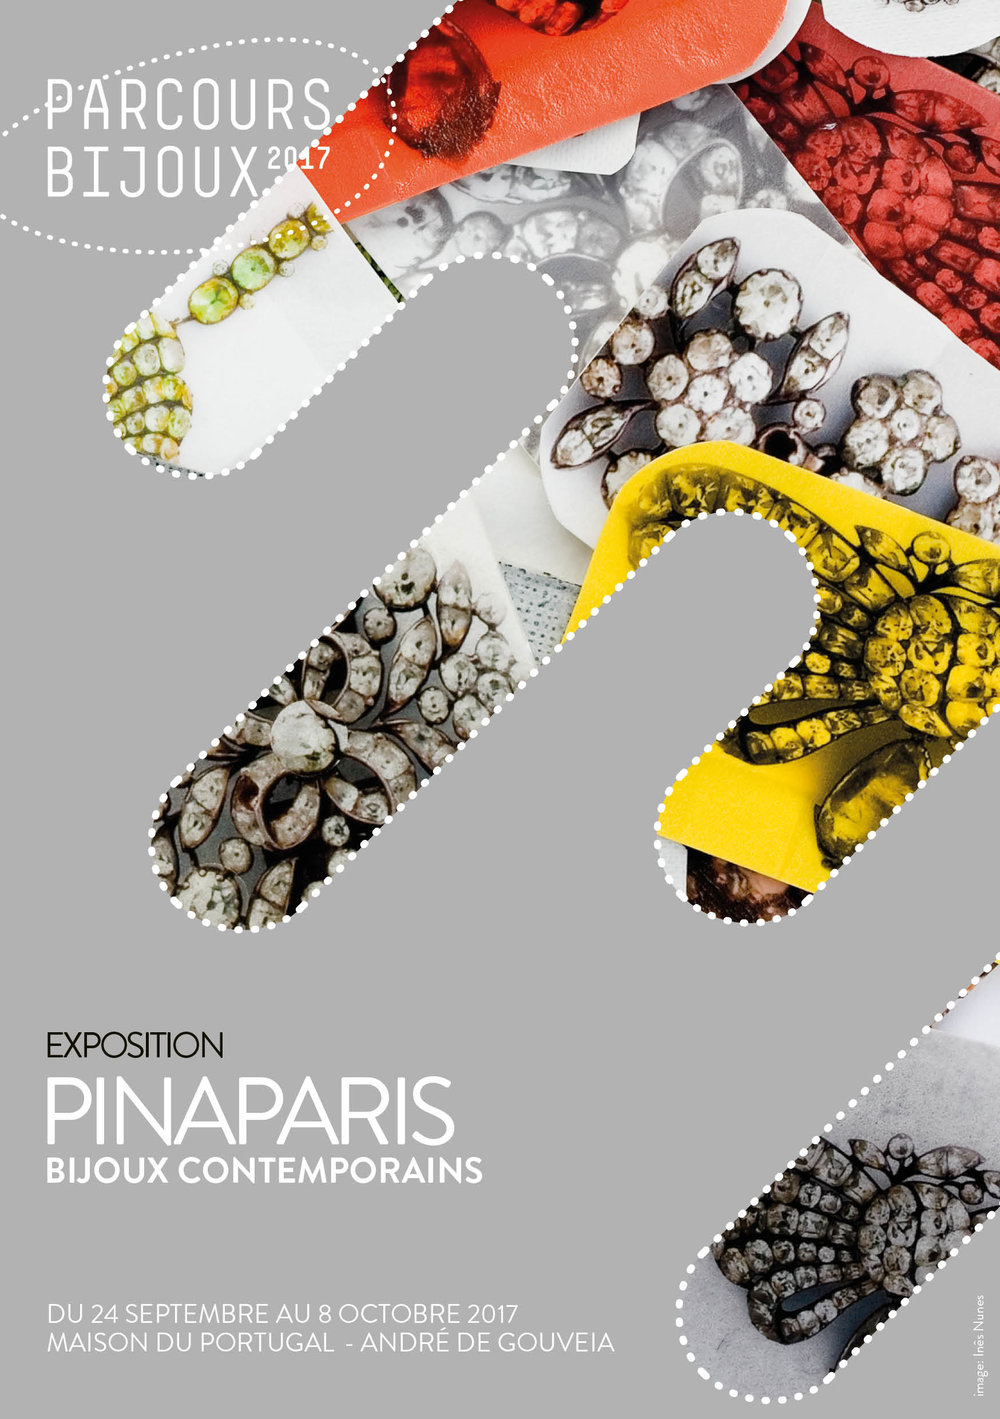 PINAPARIS_CONVITE_FRENTE.jpg